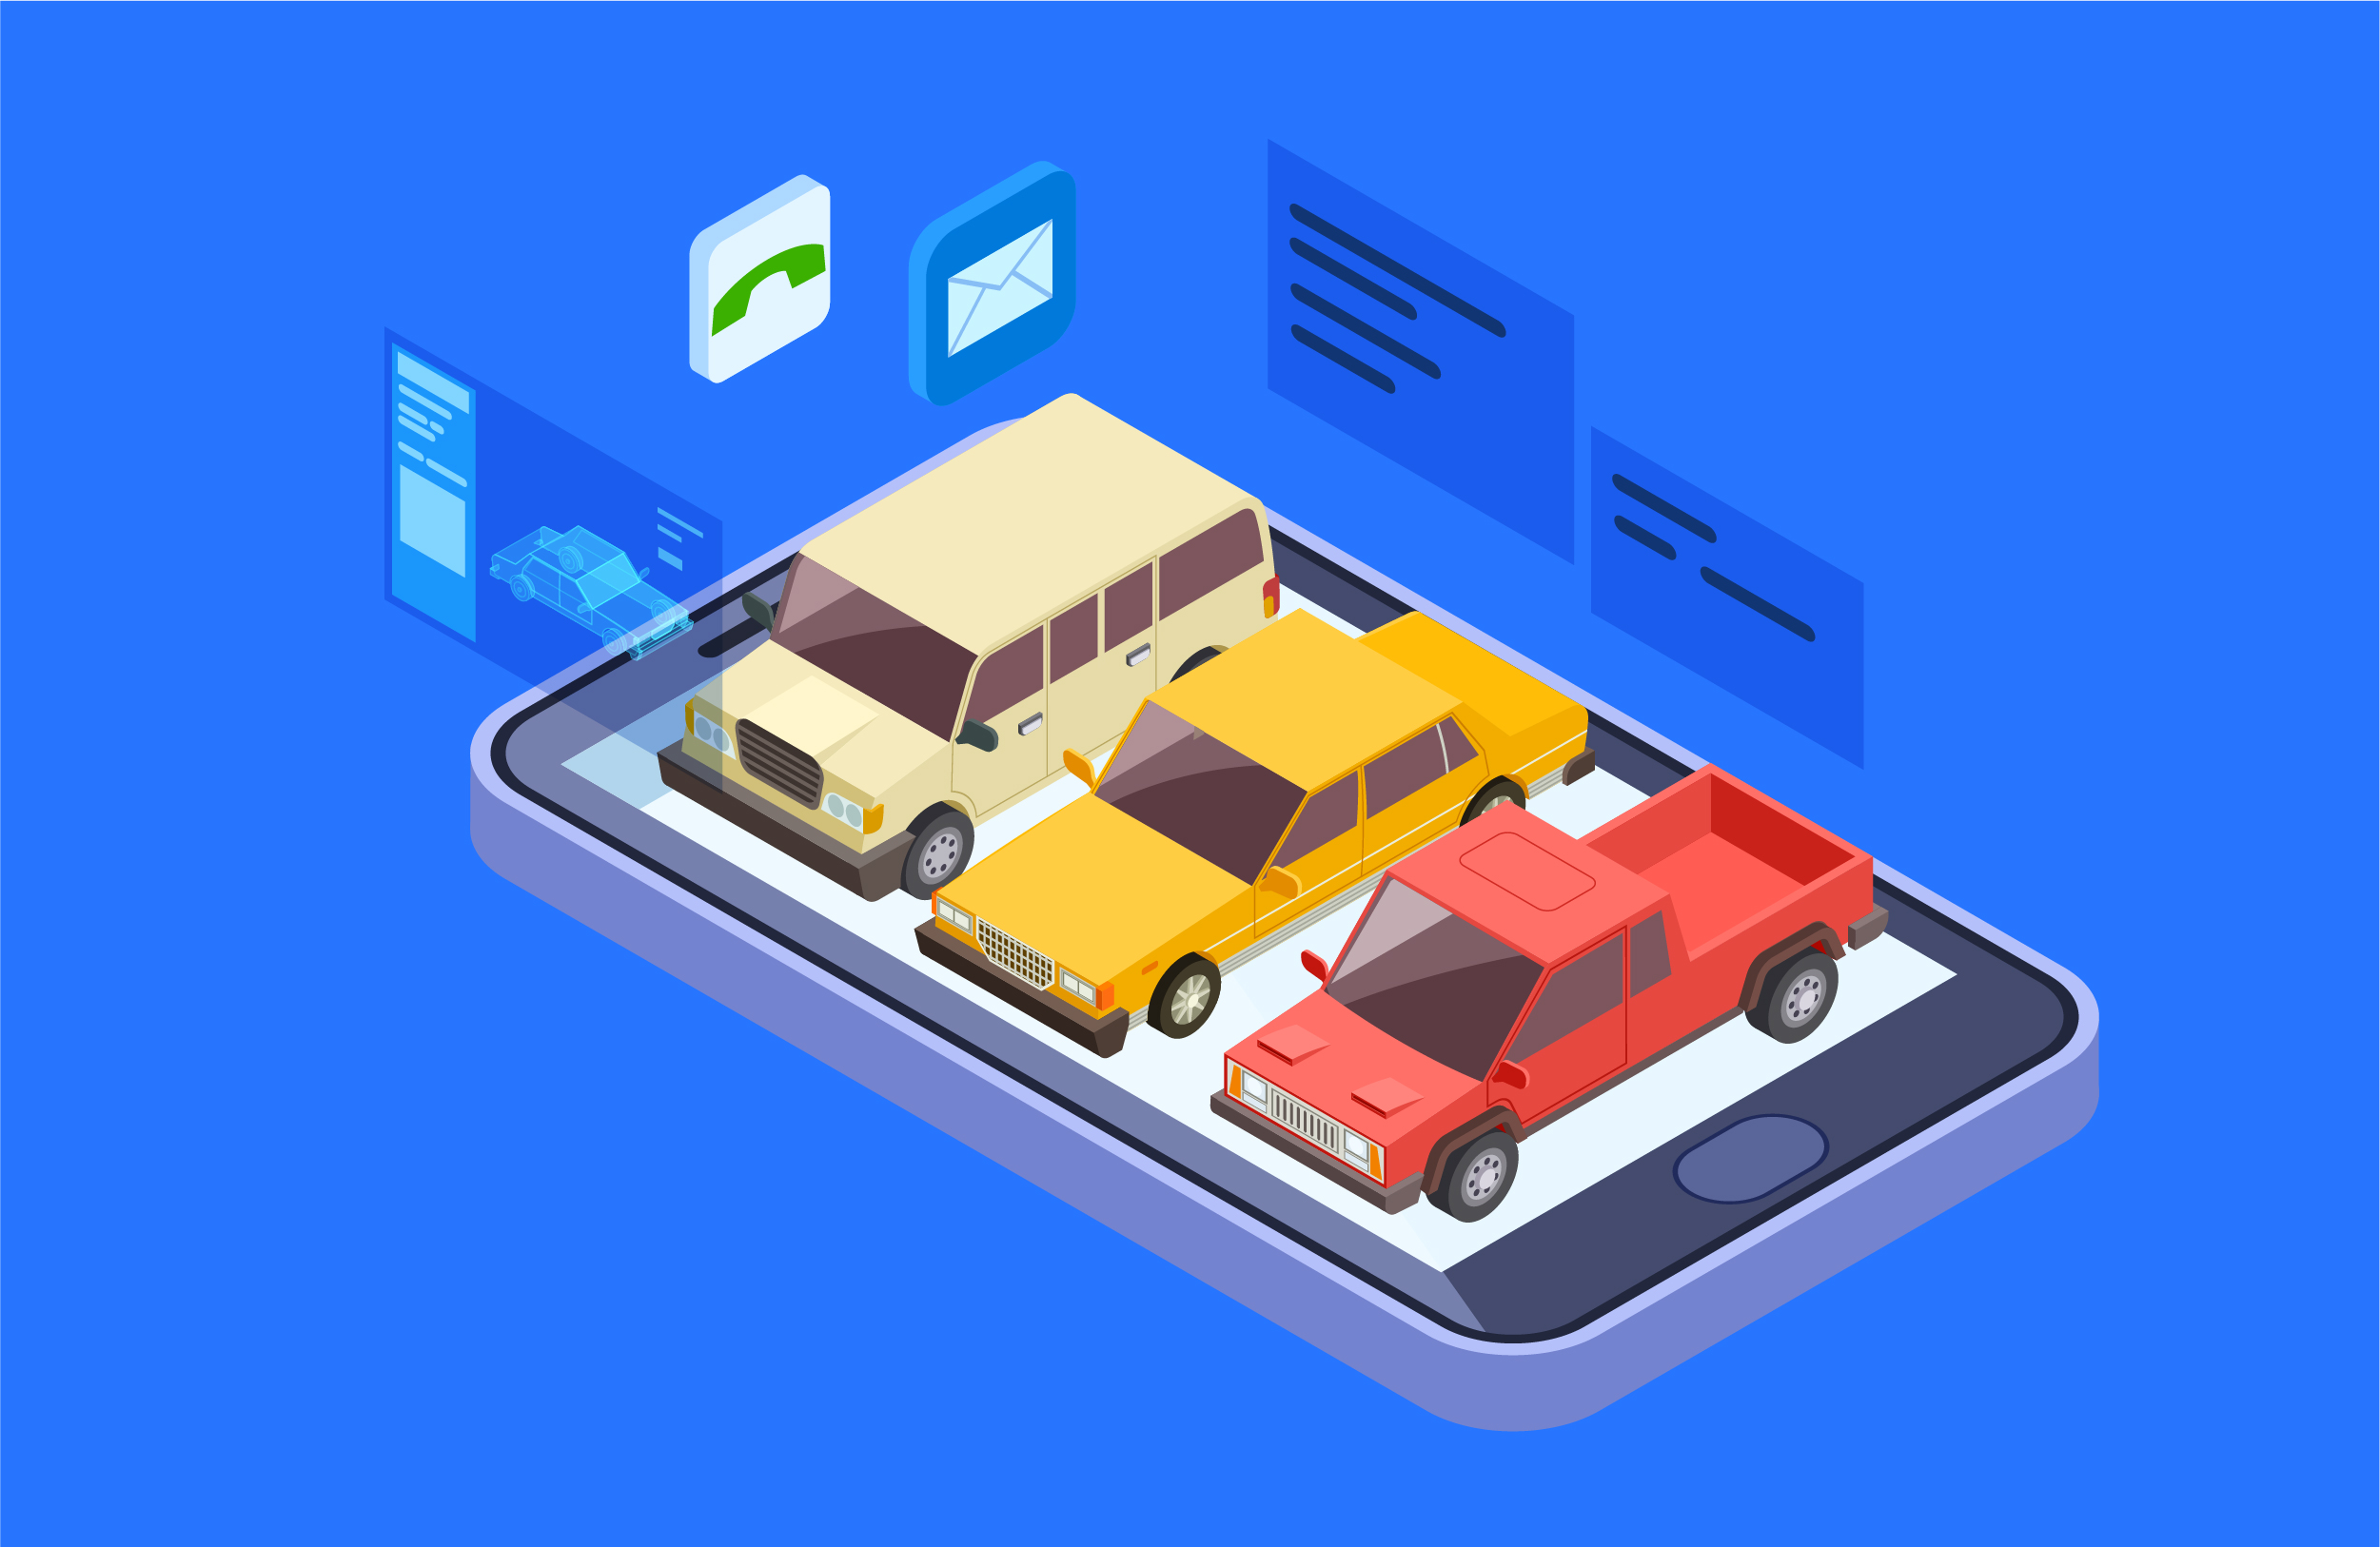 汽车租赁车辆管理系统